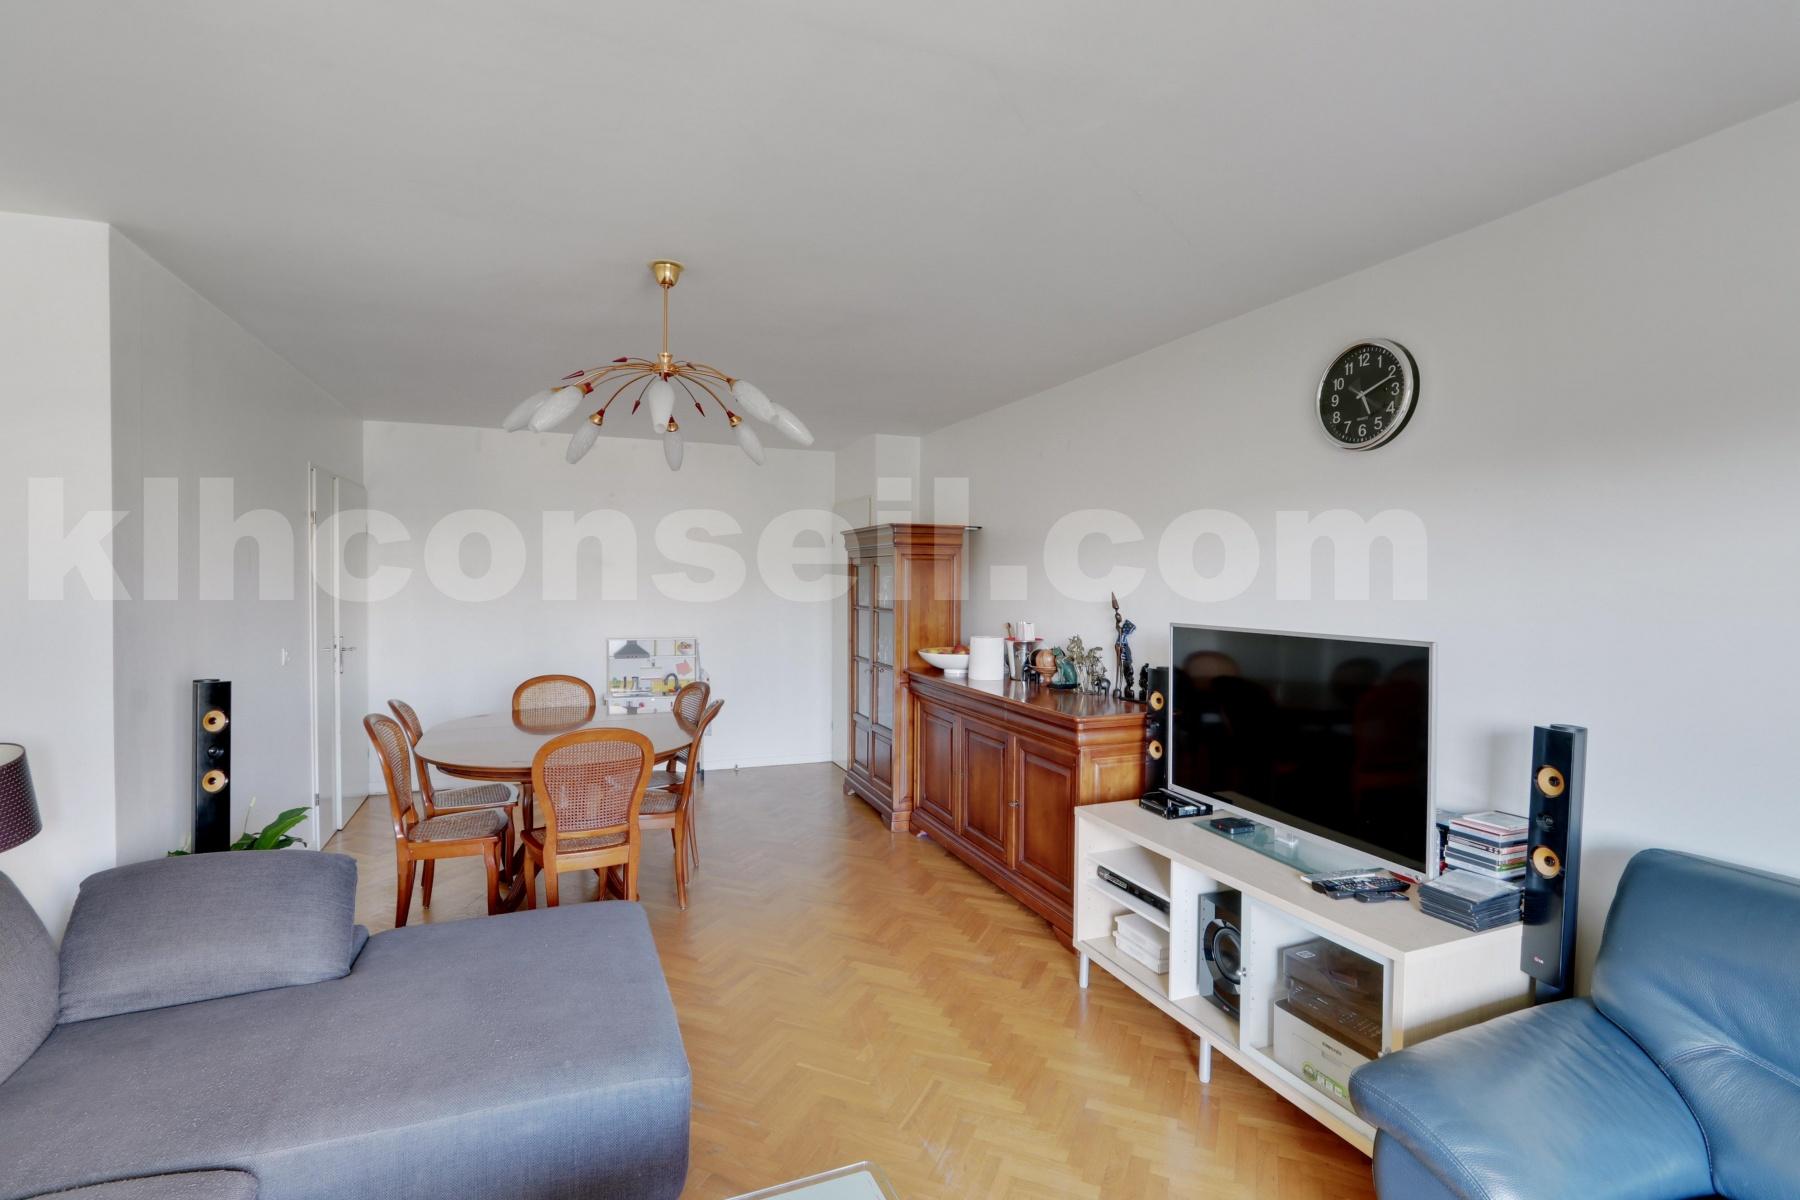 Vente Appartement de 4 pièces 89 m² - COLOMBES 92700 | KLH Conseil -  photo2